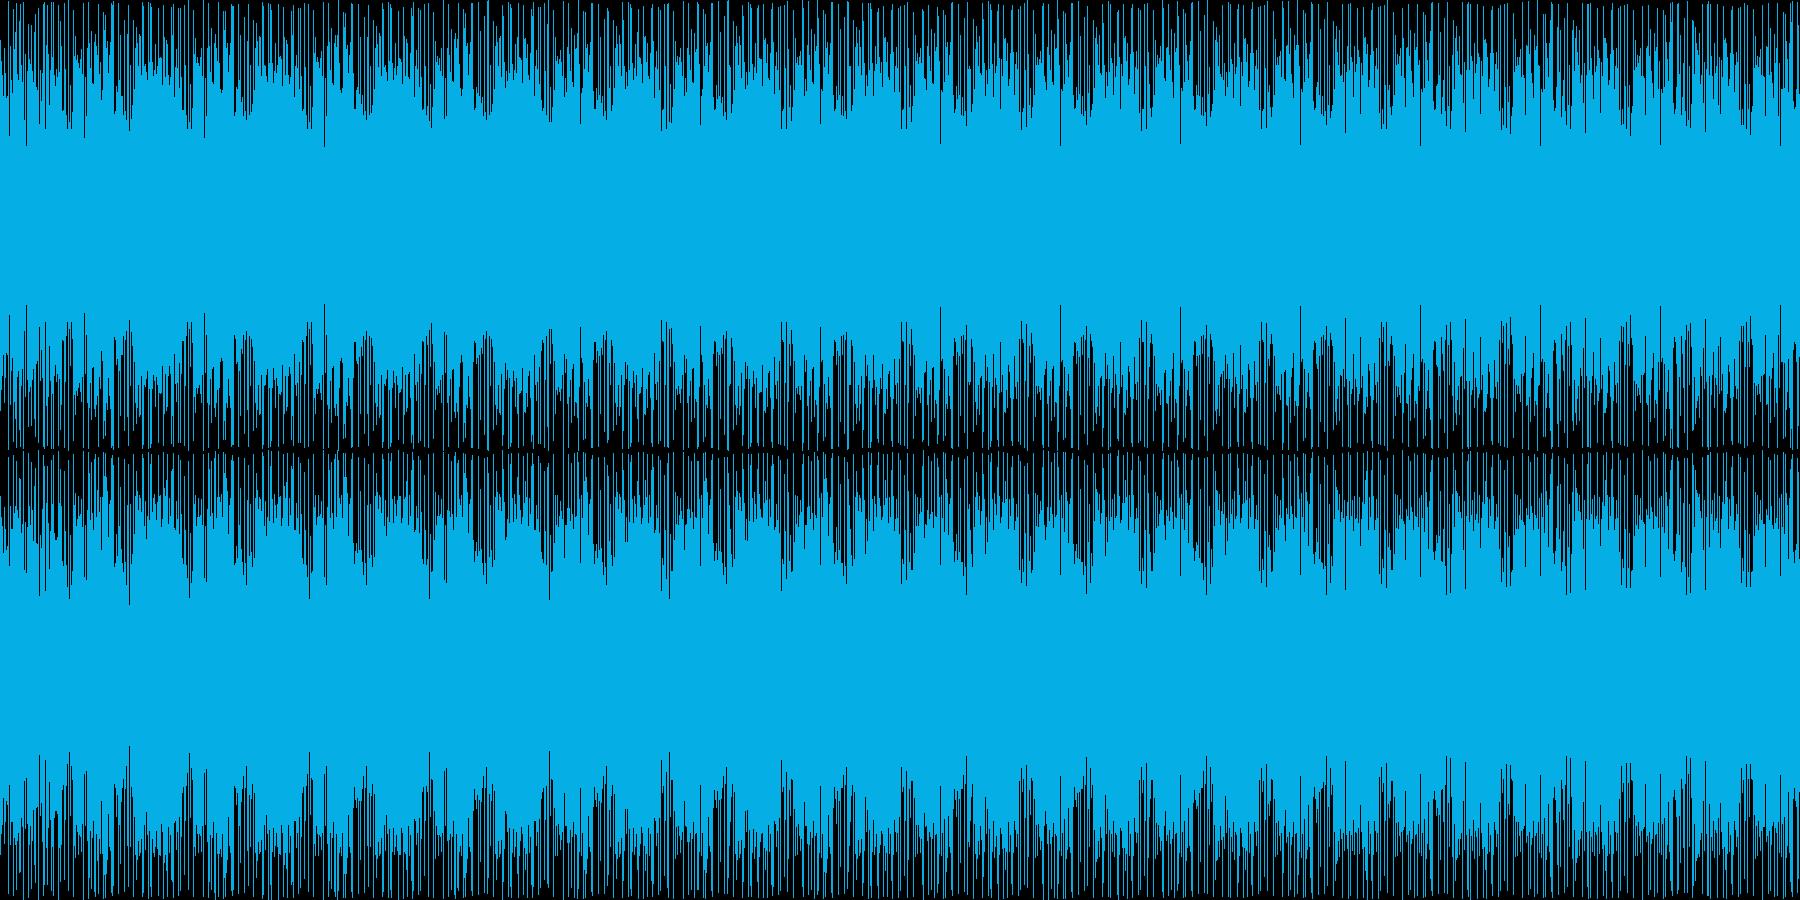 映像に合う近代的・神秘的なループBGMの再生済みの波形